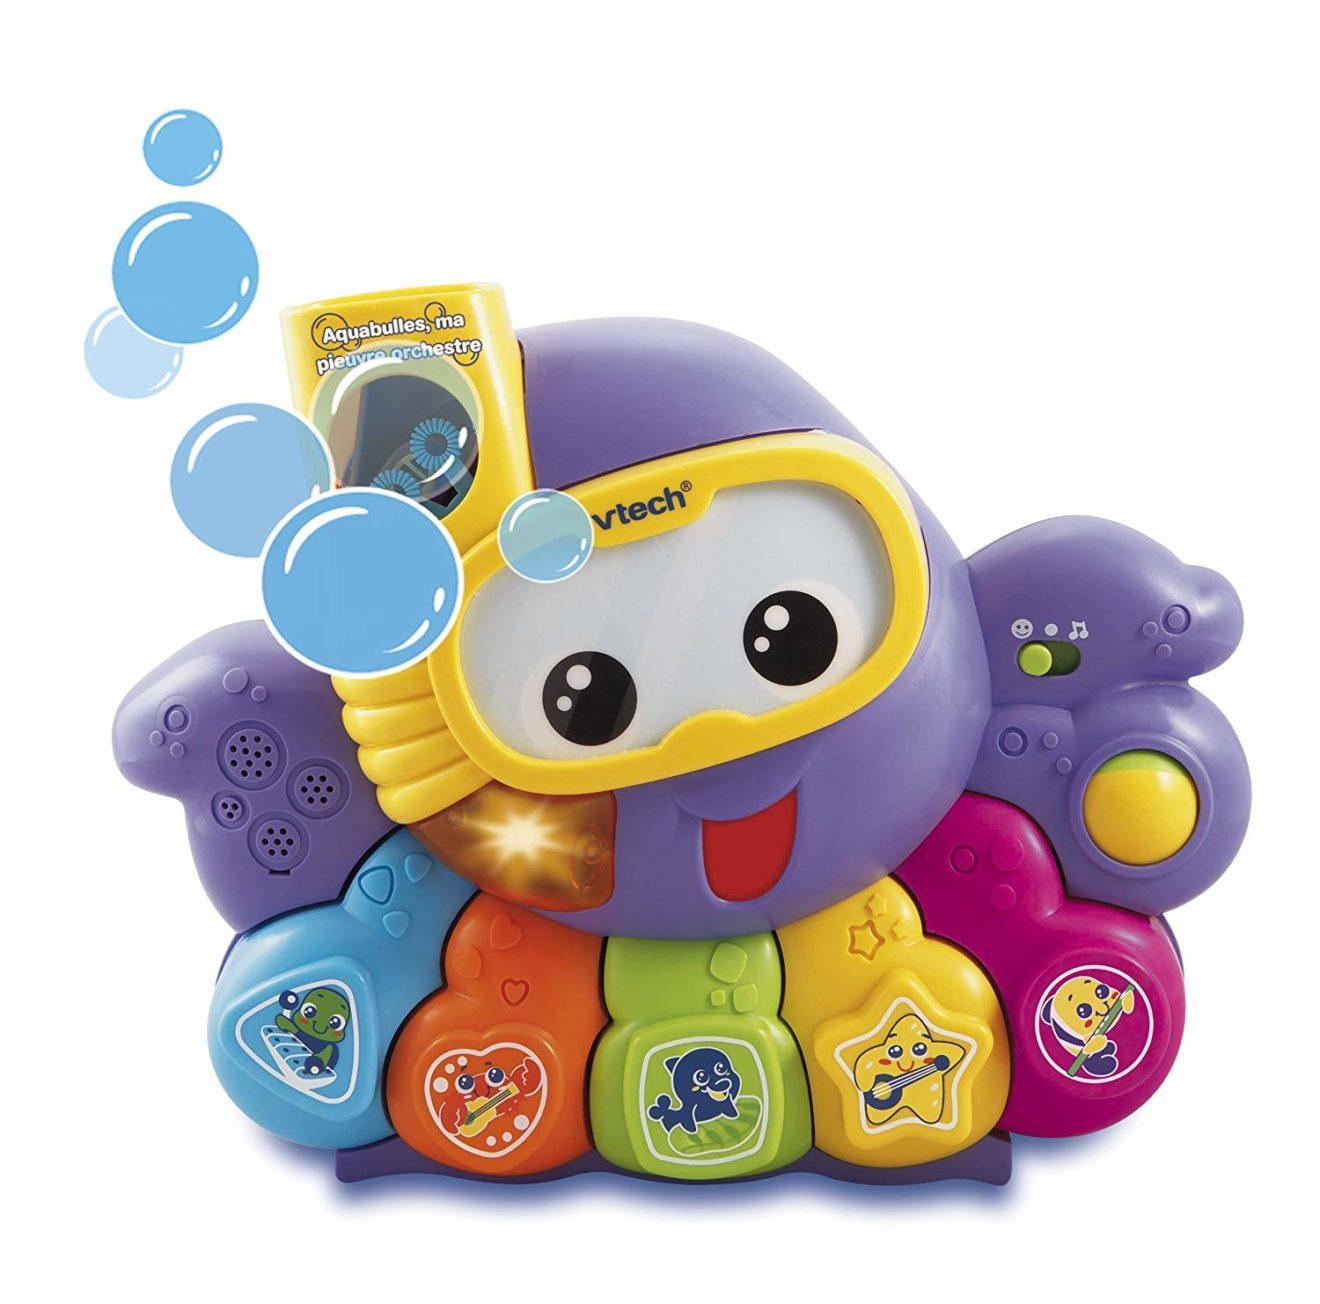 jeux-pour-le-bain-bebe-aquabulles-ma-pieuvre-orchestre-vtech